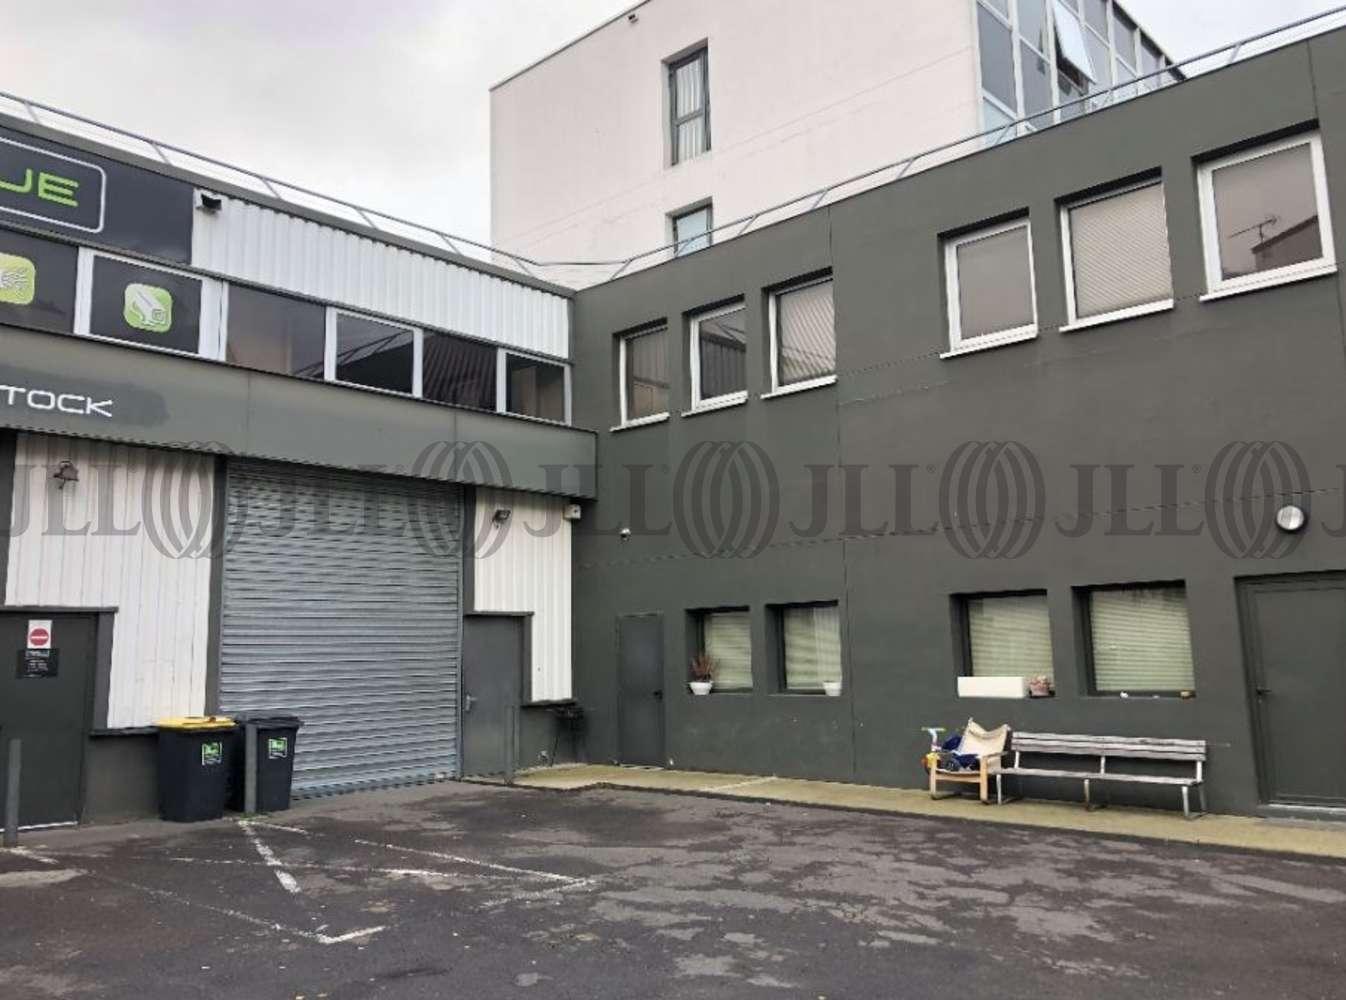 Activités/entrepôt Aubervilliers, 93300 - PARC AUBERVILLIERS-VILLETTE - 10883497